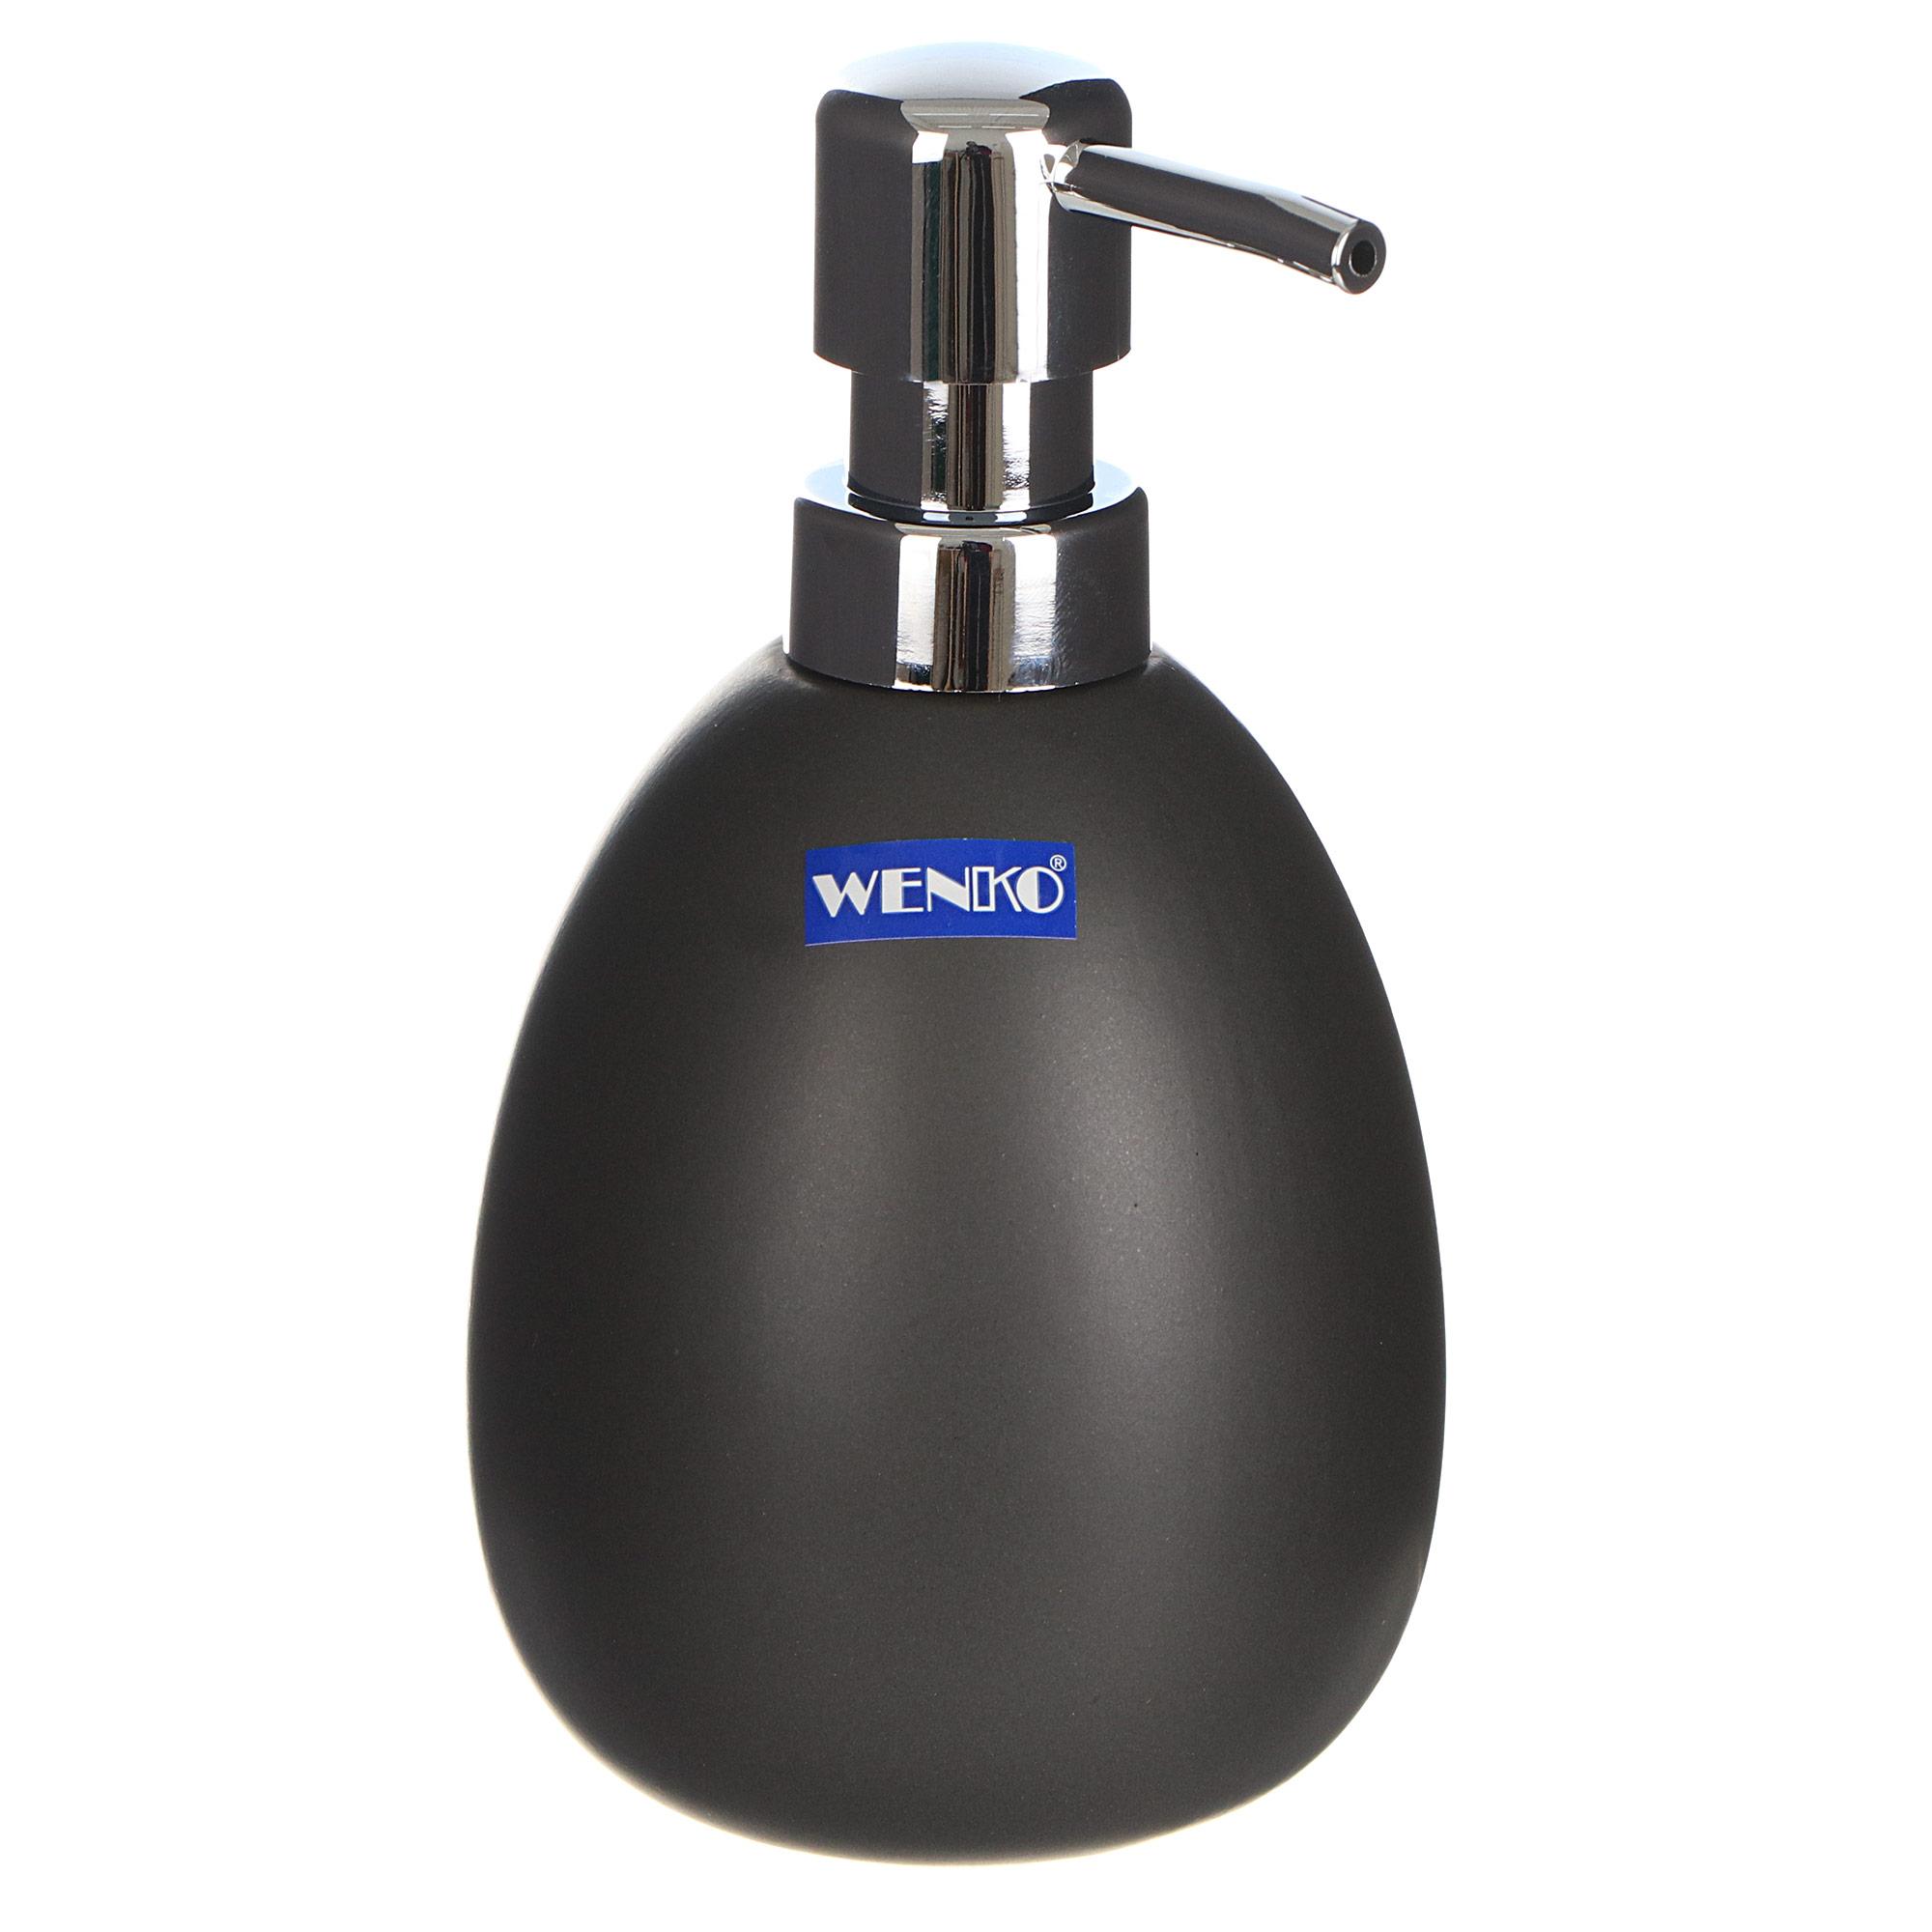 Дозатор для мыла Wenko sanitary polaris серый фото